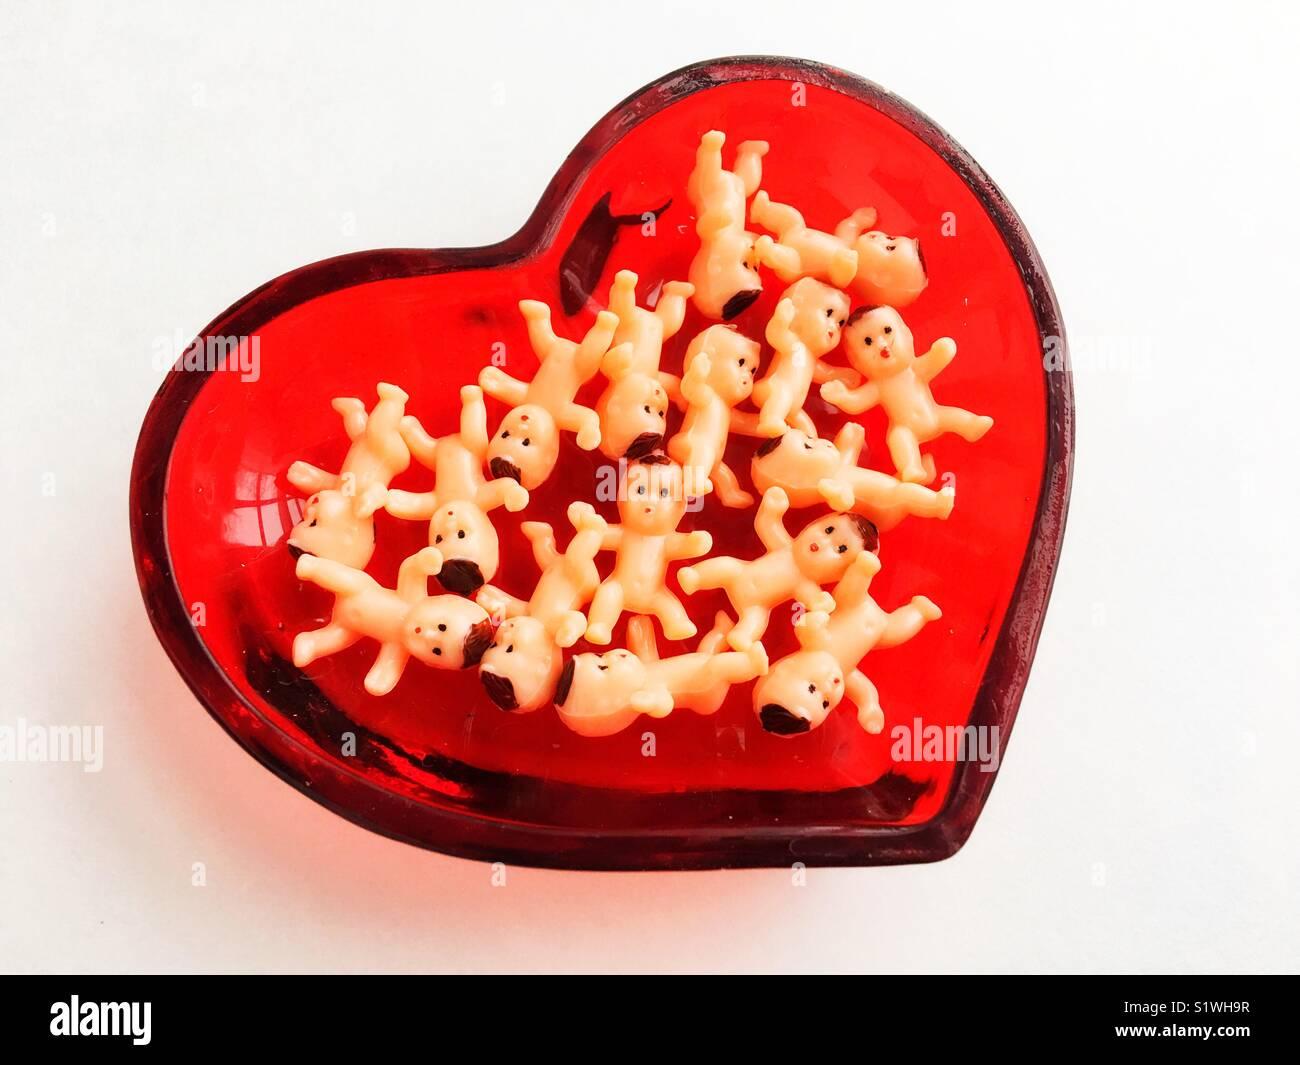 Giocattolo di plastica dei neonati in un cuore piatto sagomato. Immagini Stock